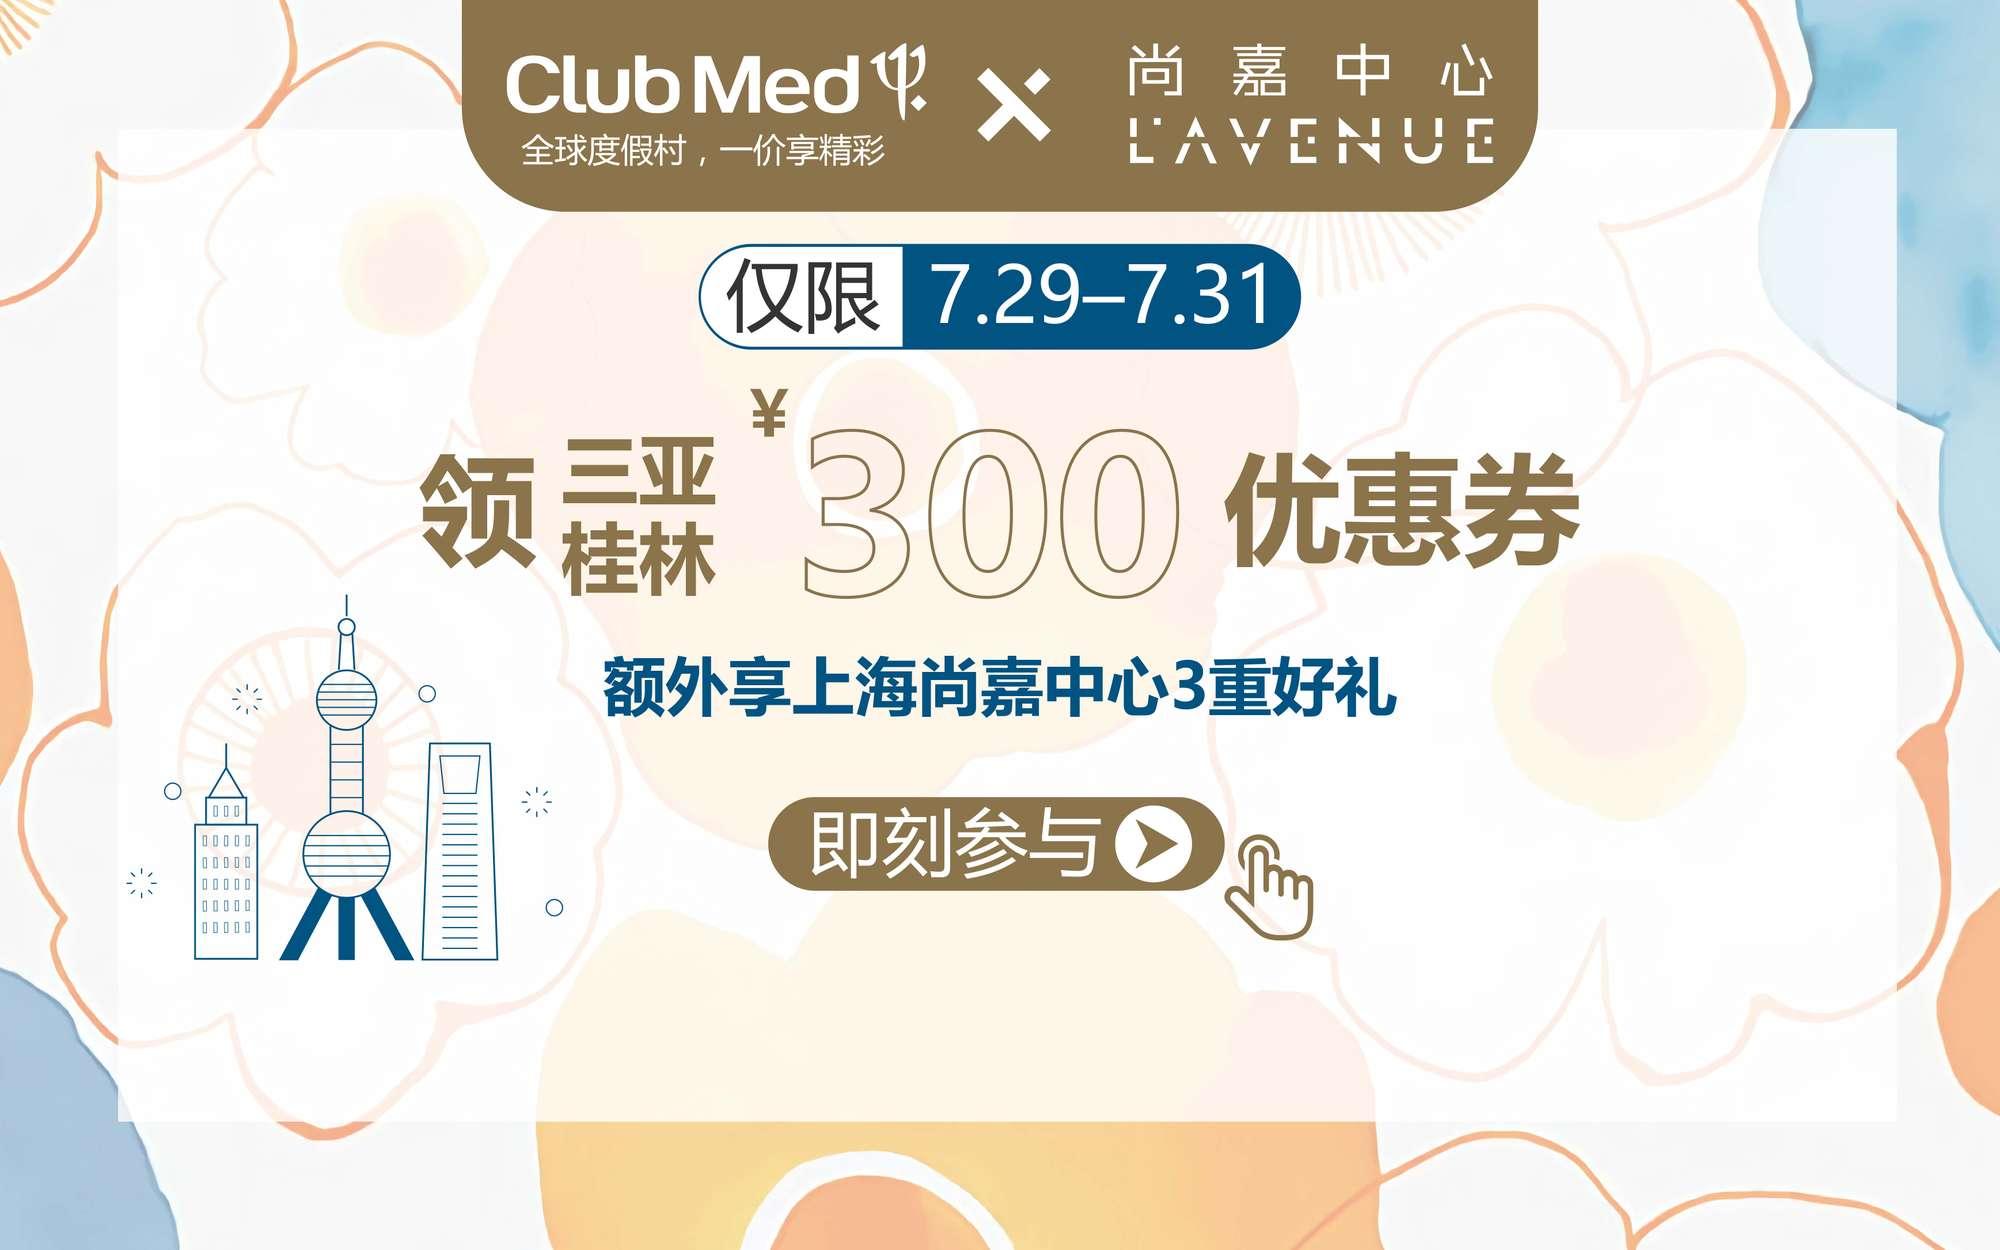 最高¥300优惠券 + 3重好礼相送